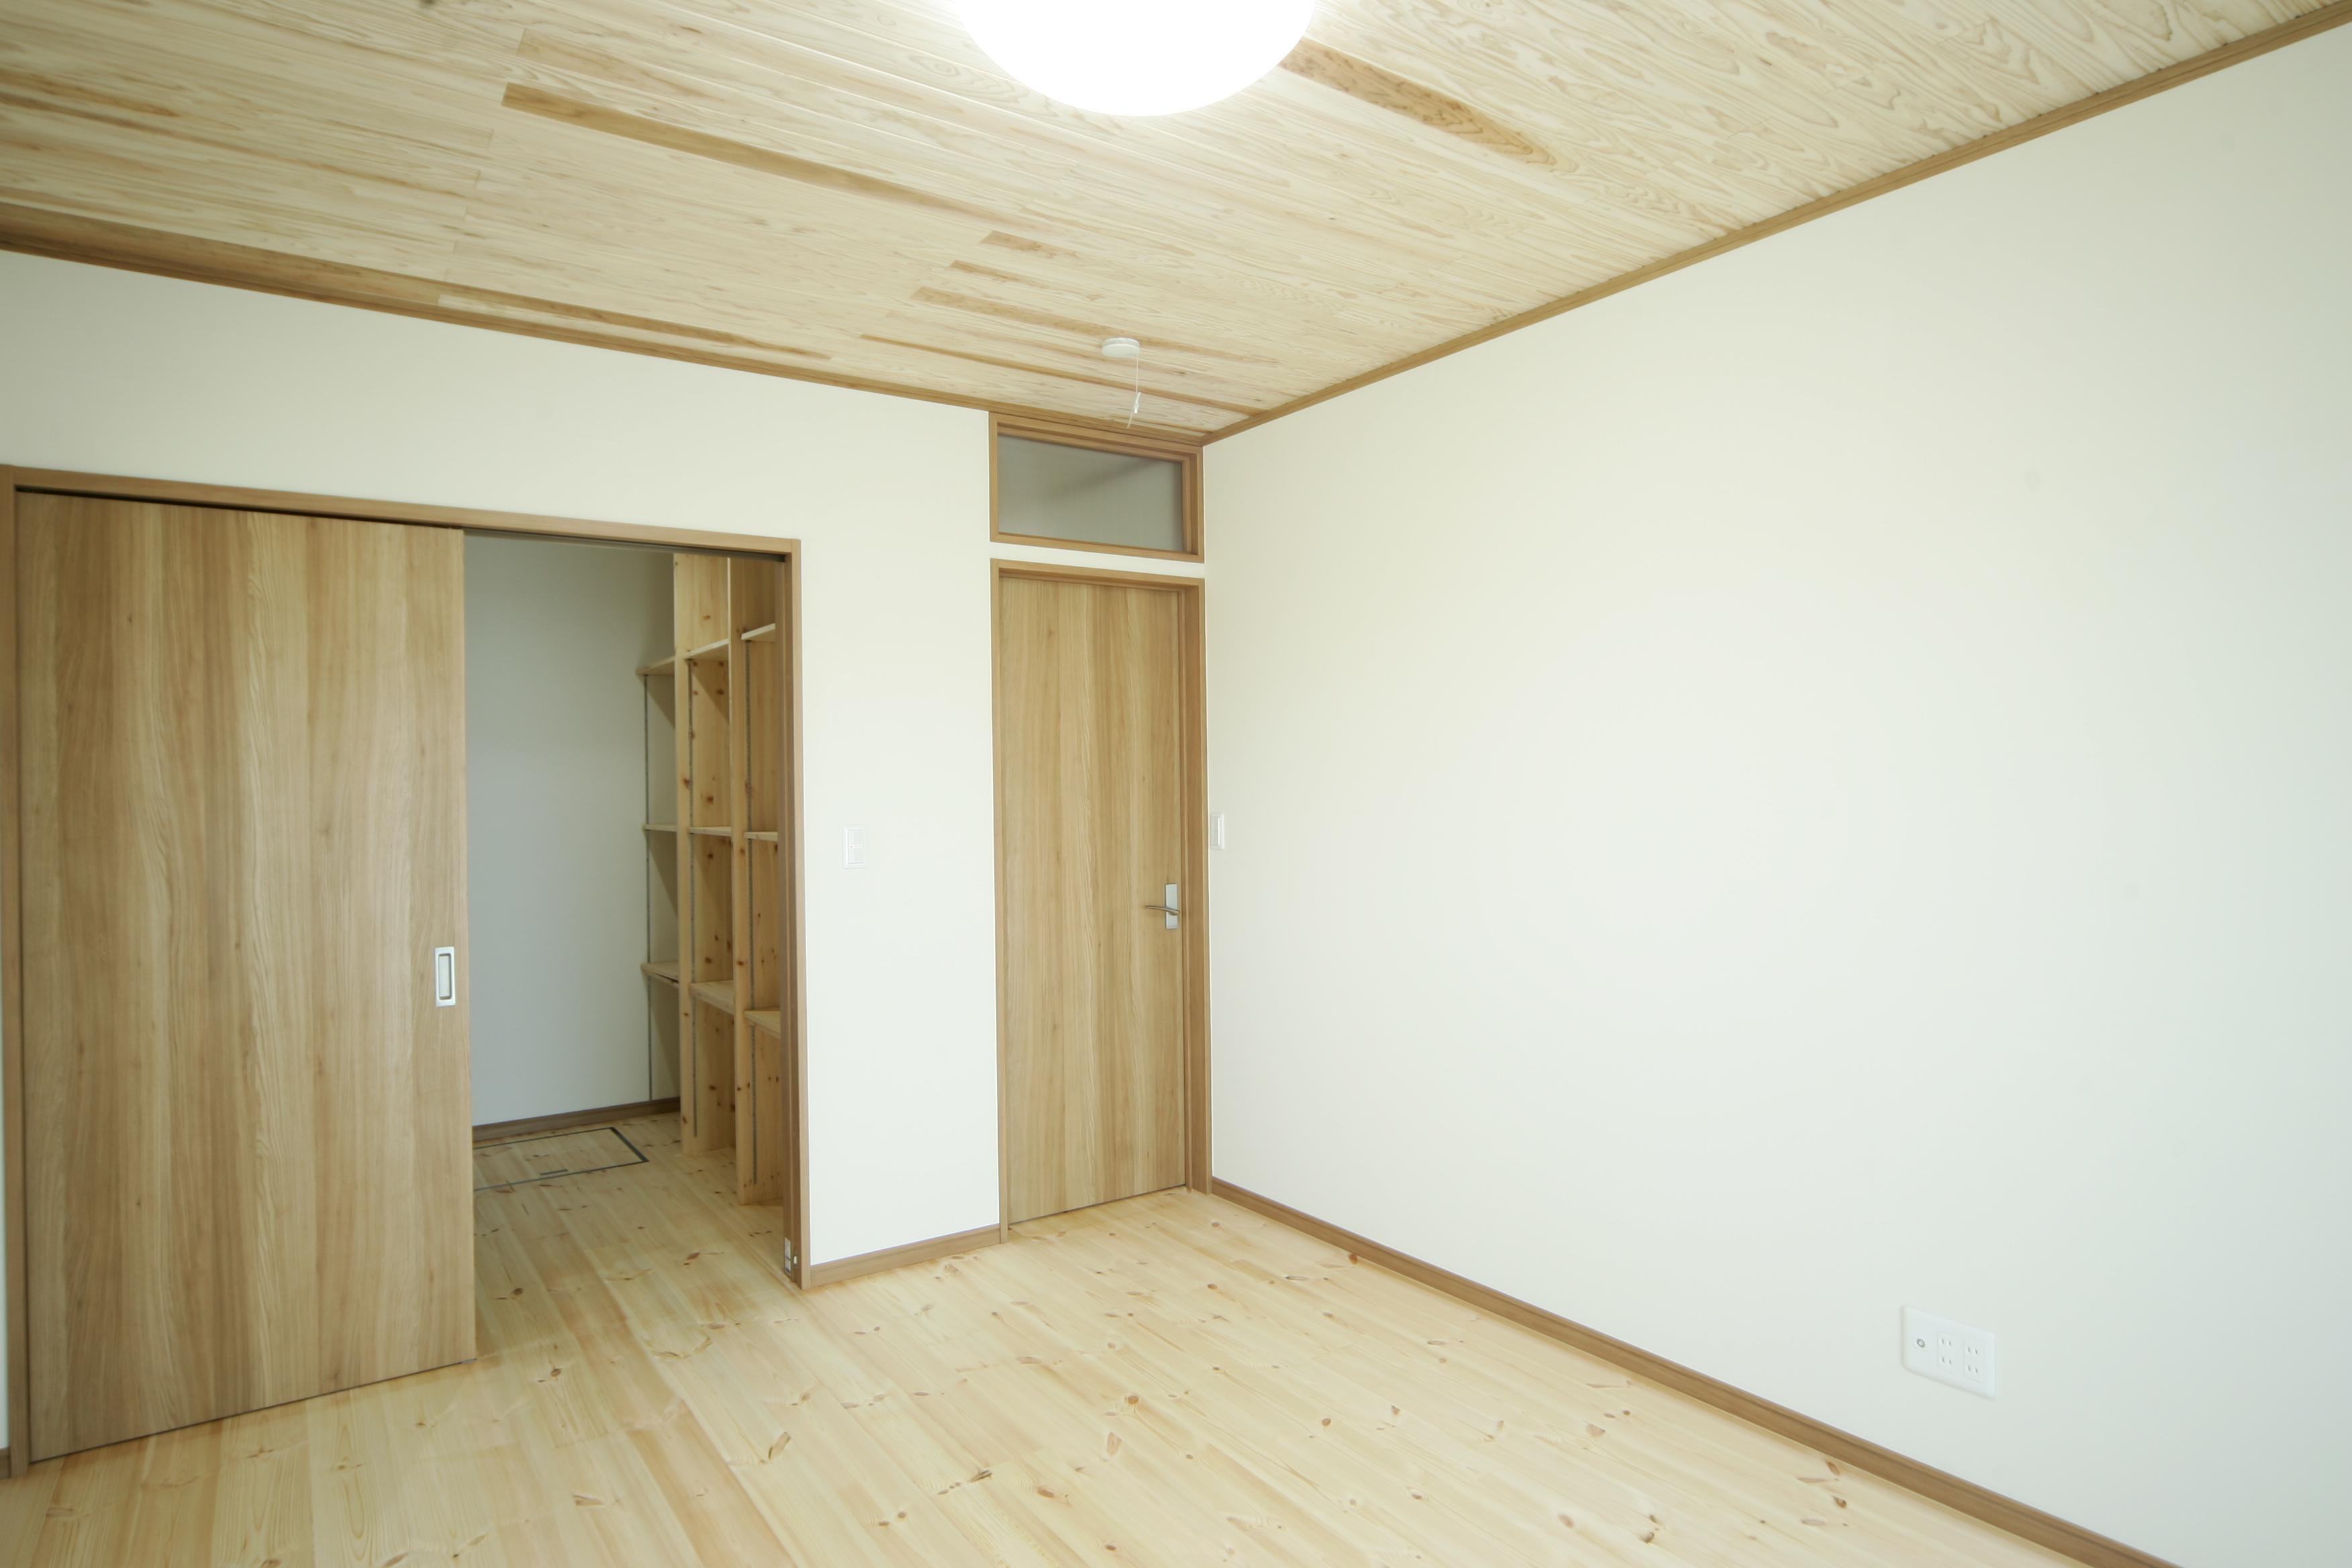 住まいるコーポレーション【二世帯住宅、自然素材、平屋】夫婦の寝室。ウォークインクローゼットにはハンガーと可動棚のコーナーを左右に分け、洋服や小物を出し入れしやすいように工夫した